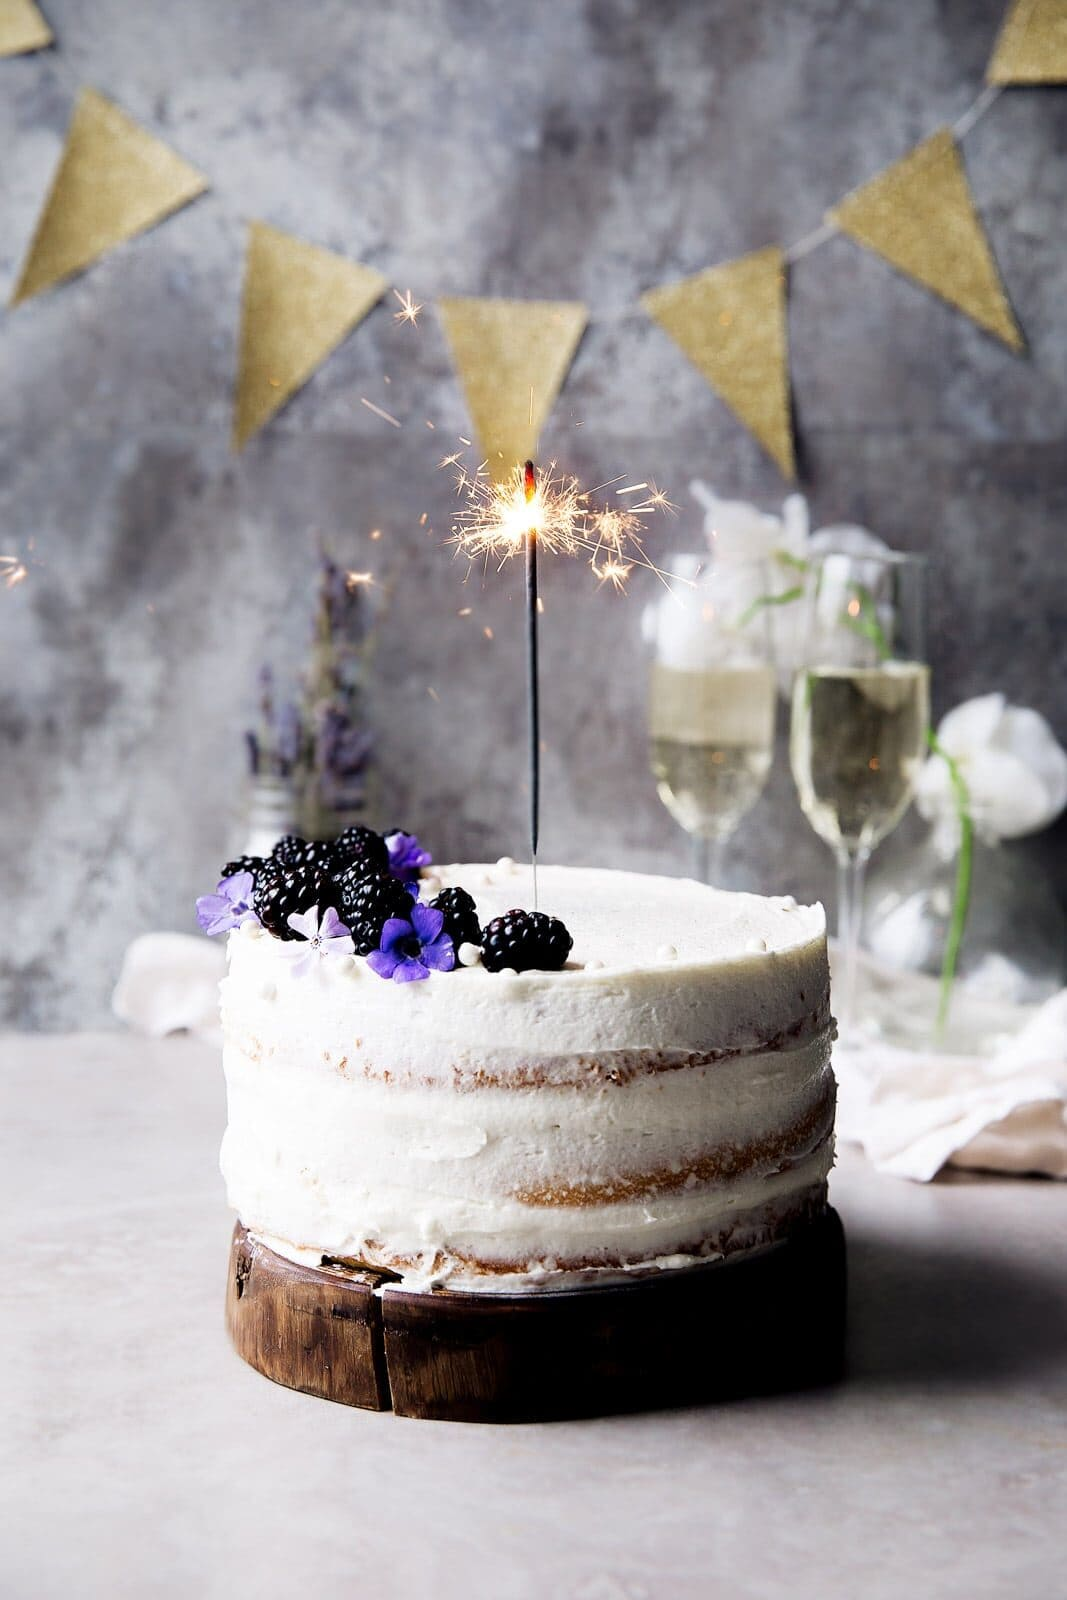 Lágy vanília torta málna lekvárral és vaníliás CHAMPAGNE FAGYASZTÁSAL.  Kezdődjön a buli.